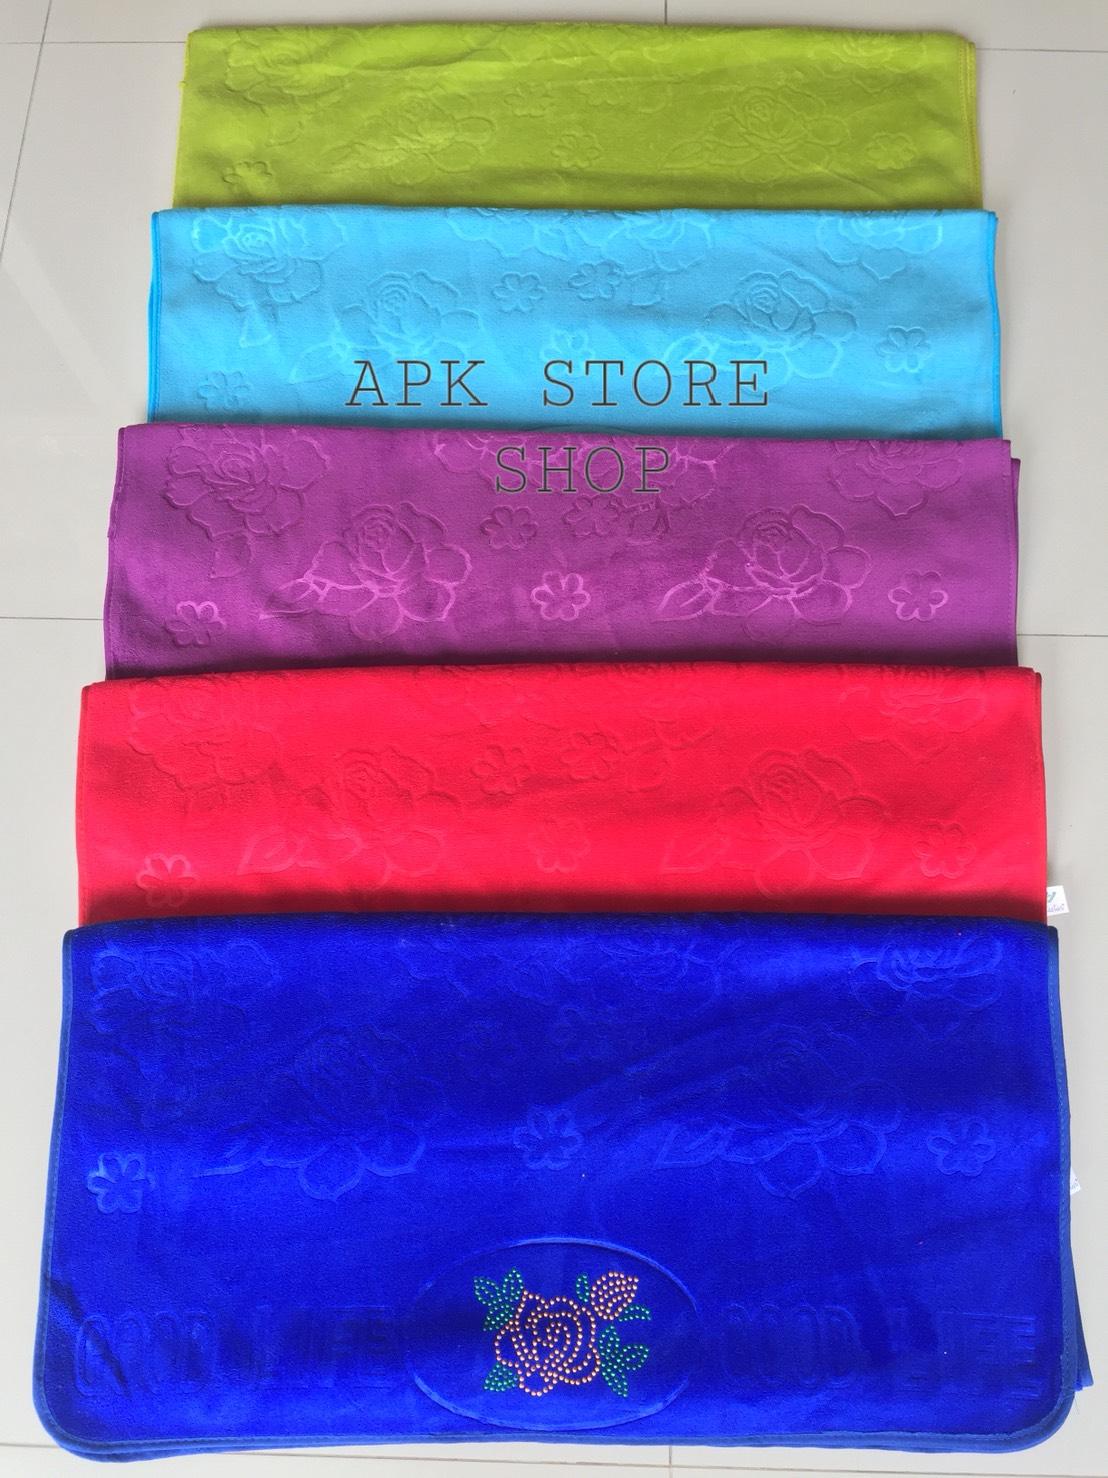 ขายส่ง ผ้าเช็ดตัวนาโน สีพื้น อัดลาย-สีเข้ม (แบบหนา) ส่ง 60 บาท